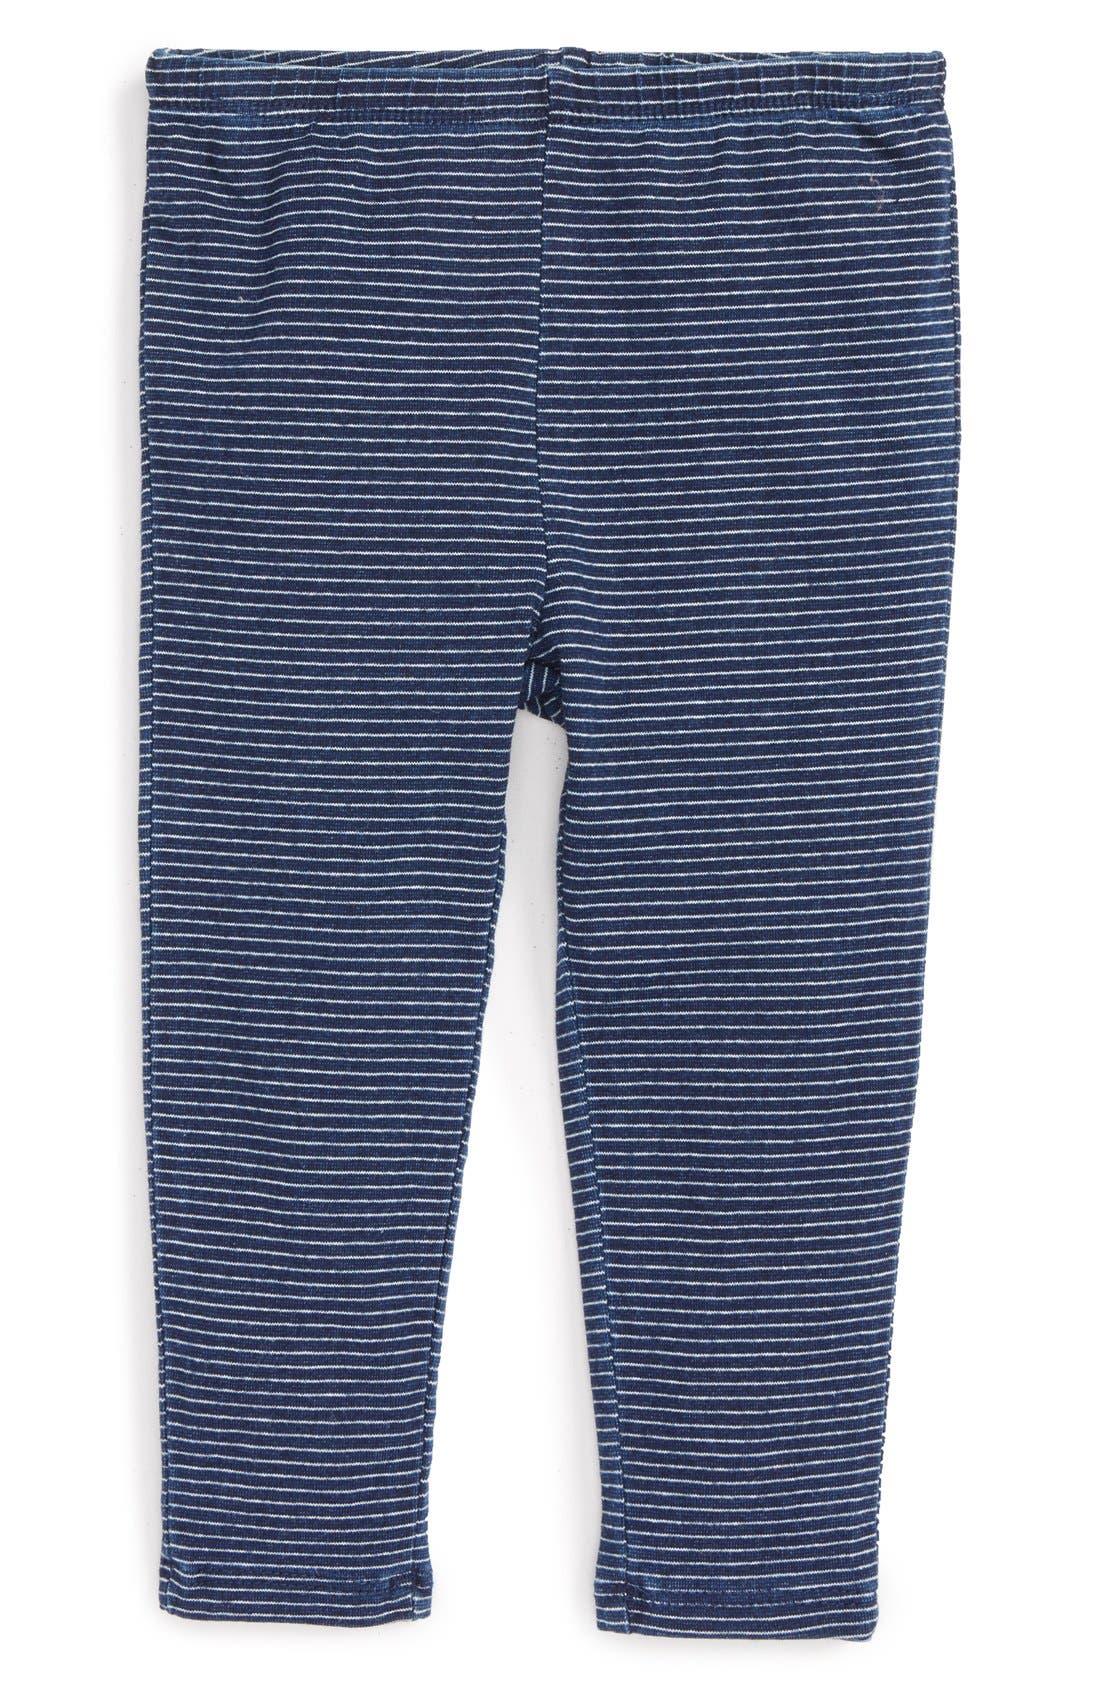 Splendid Stripe Leggings (Baby Girls)